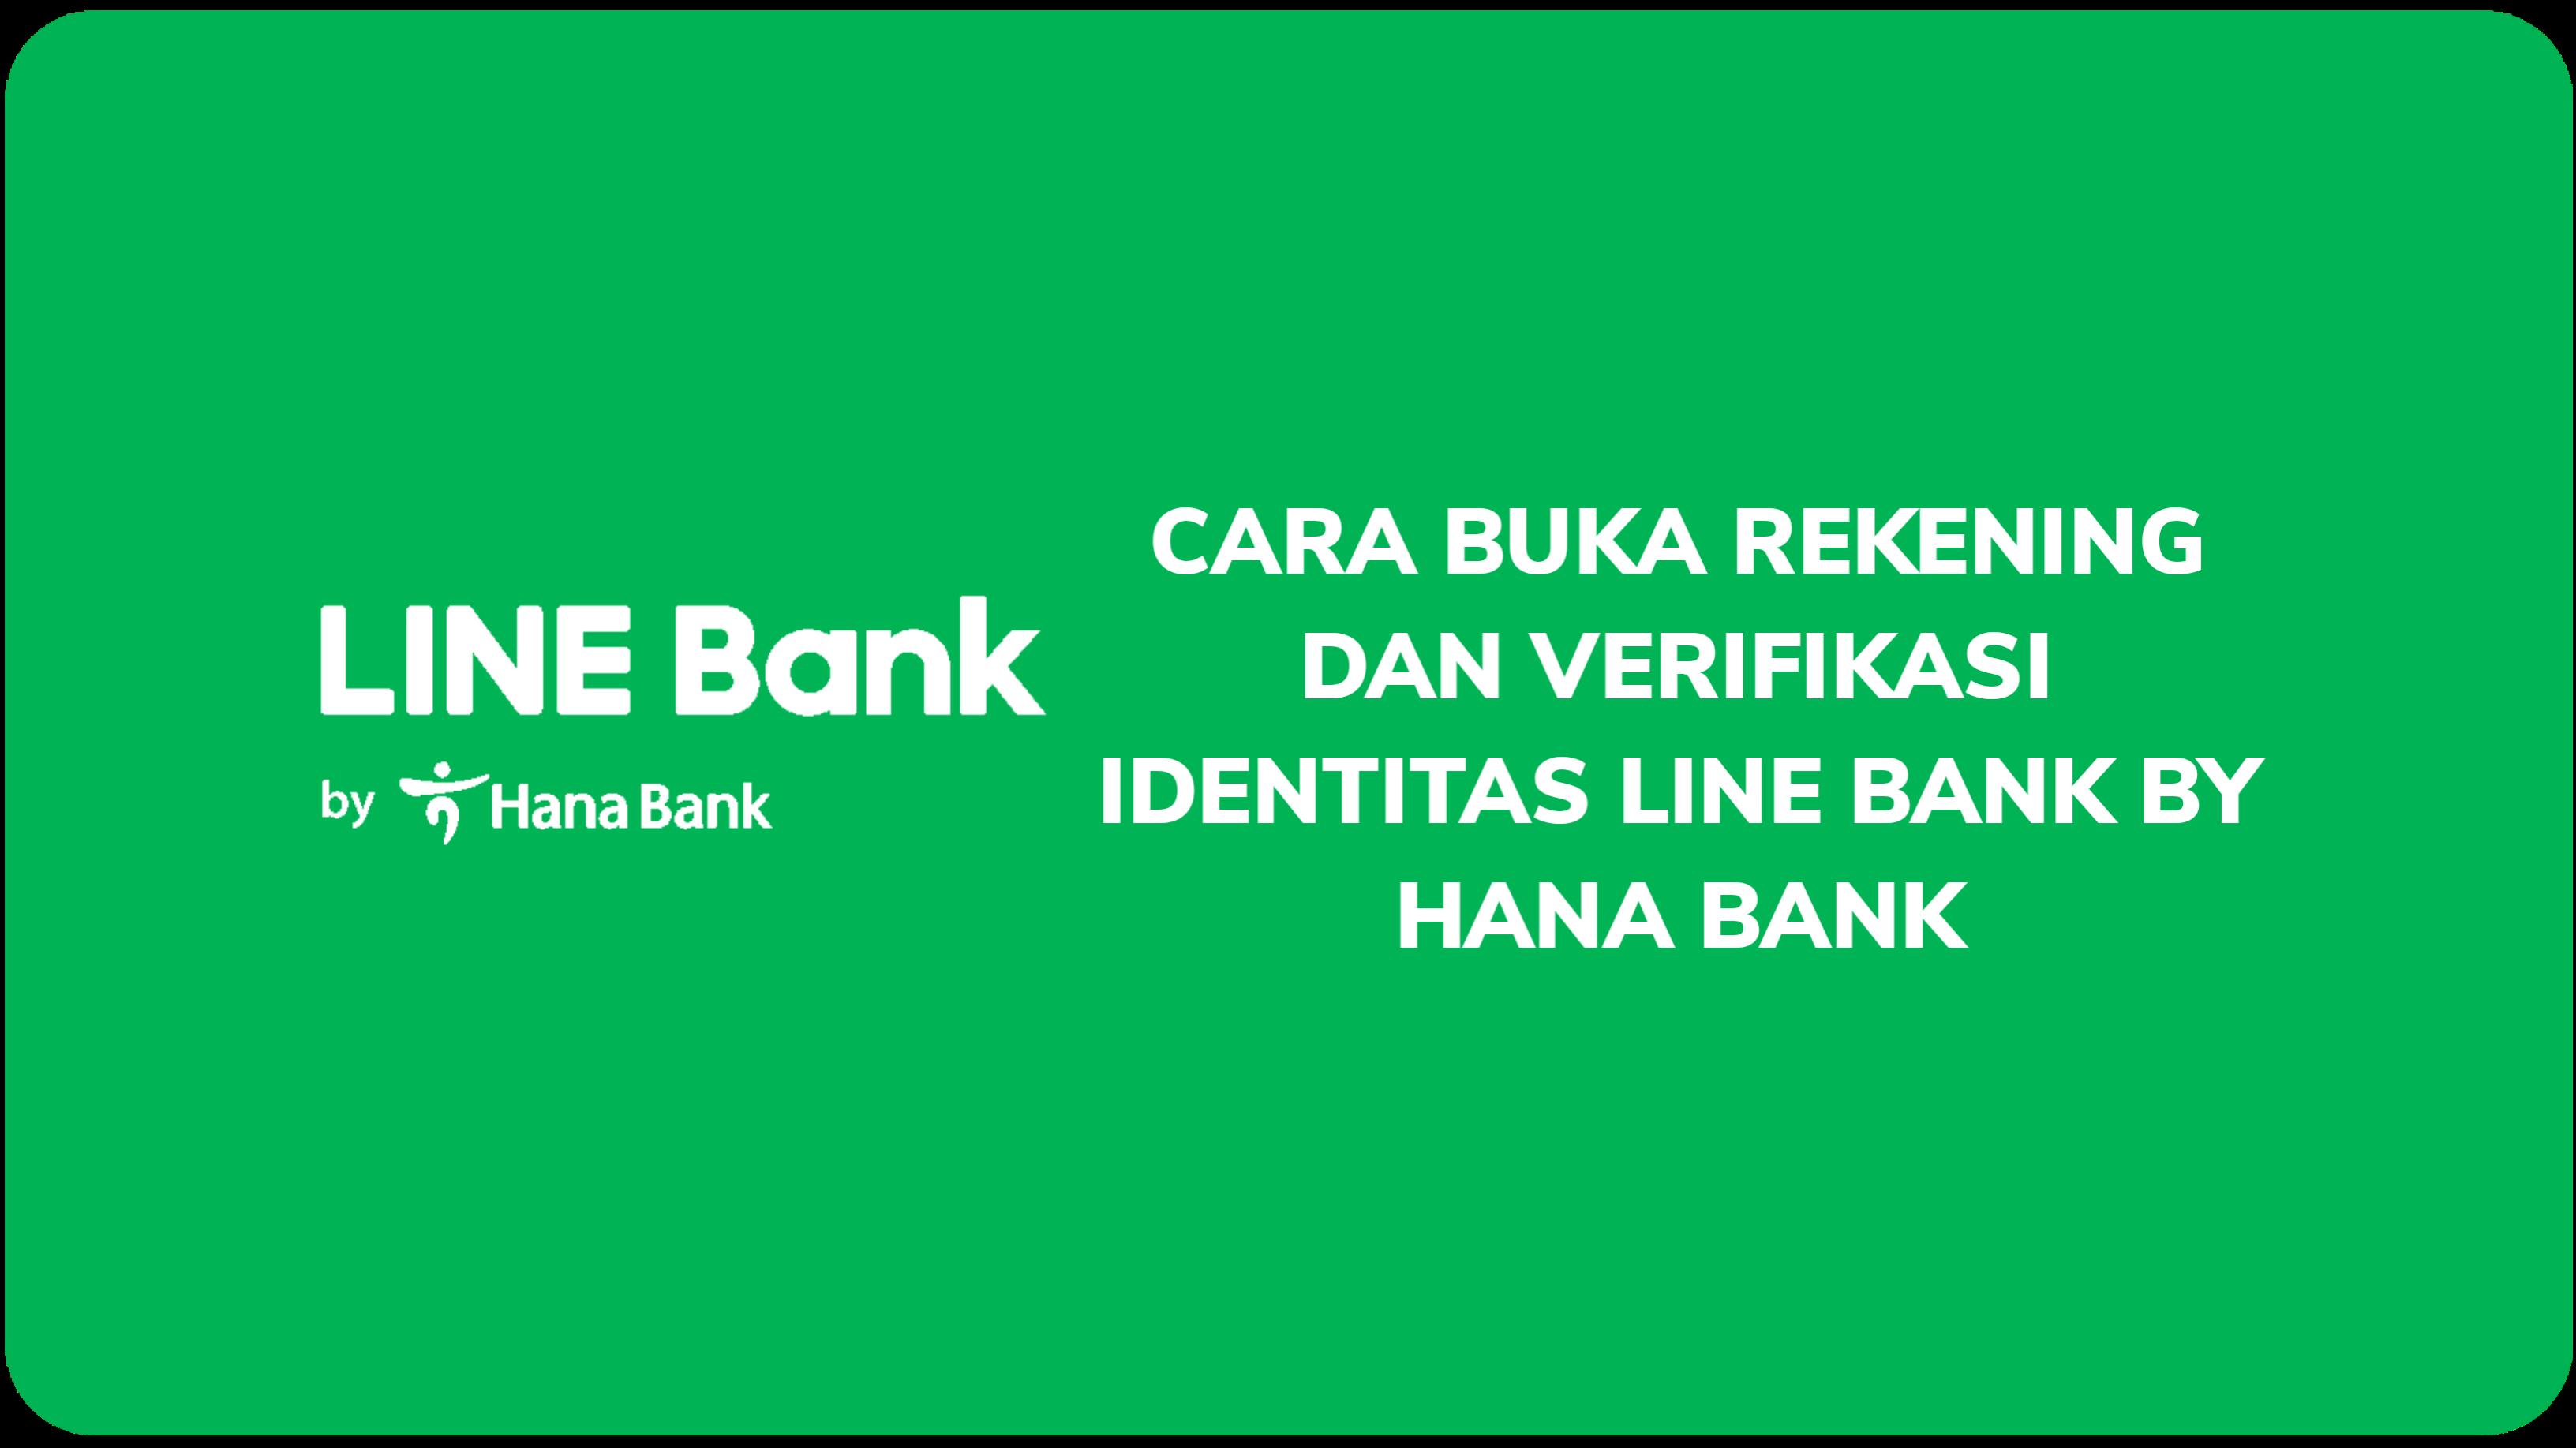 Cara Buka Rekening dan Verifikasi Identitas LINE Bank by Hana Bank